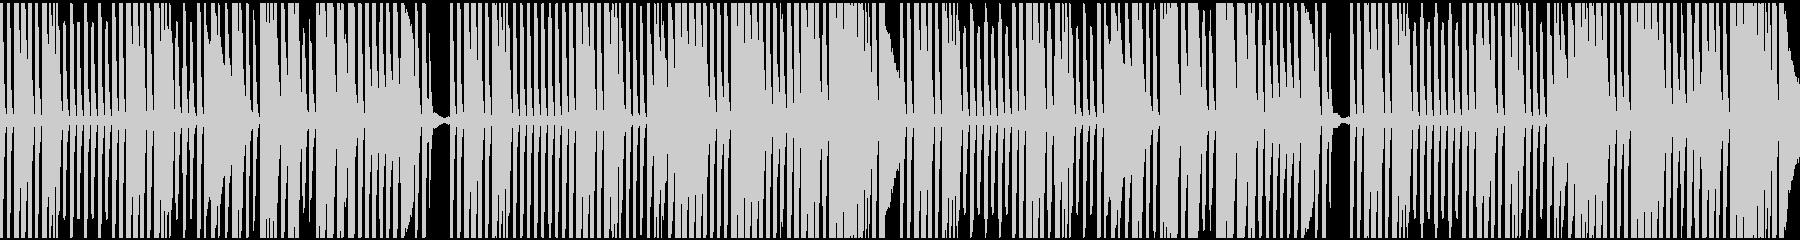 料理動画をイメージしたピアノループの未再生の波形